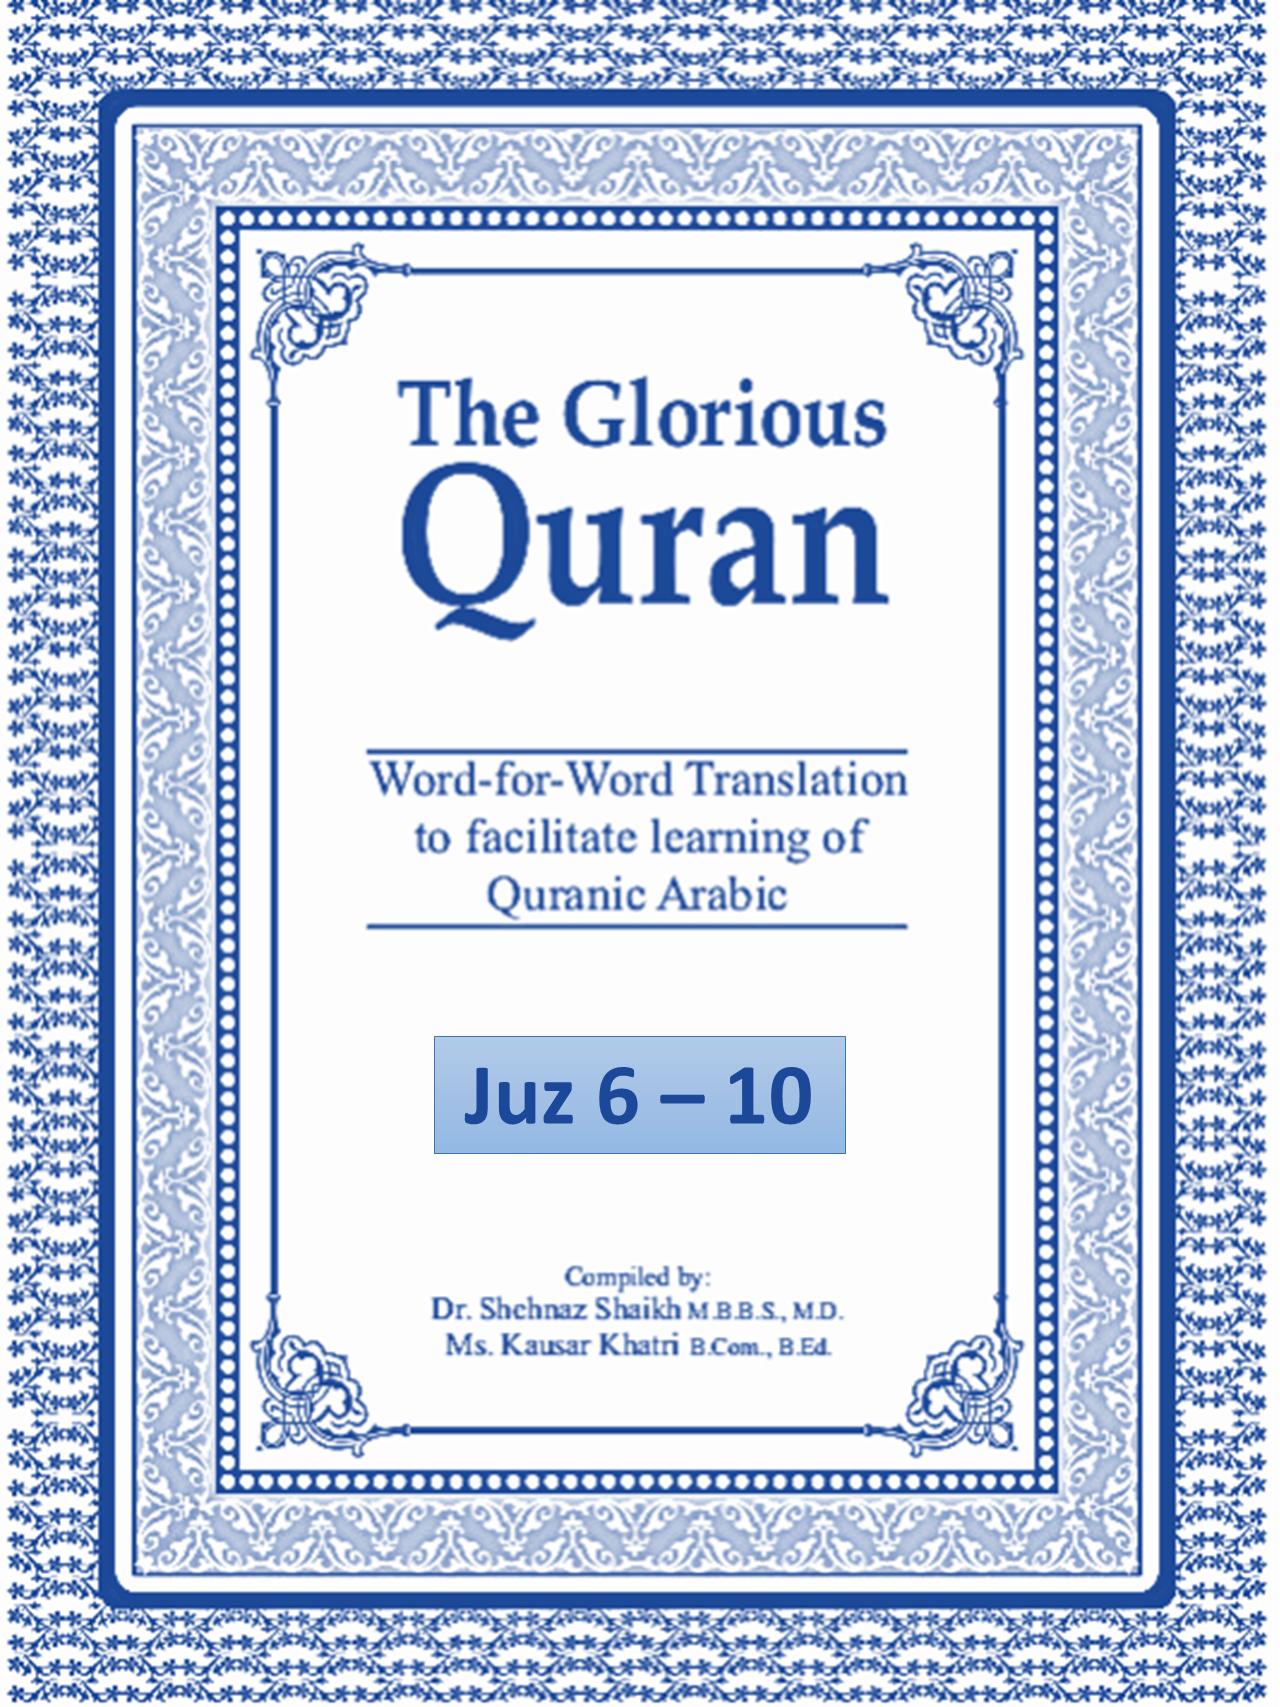 The Glorious Quran Vol 1 (Juz 6-10)